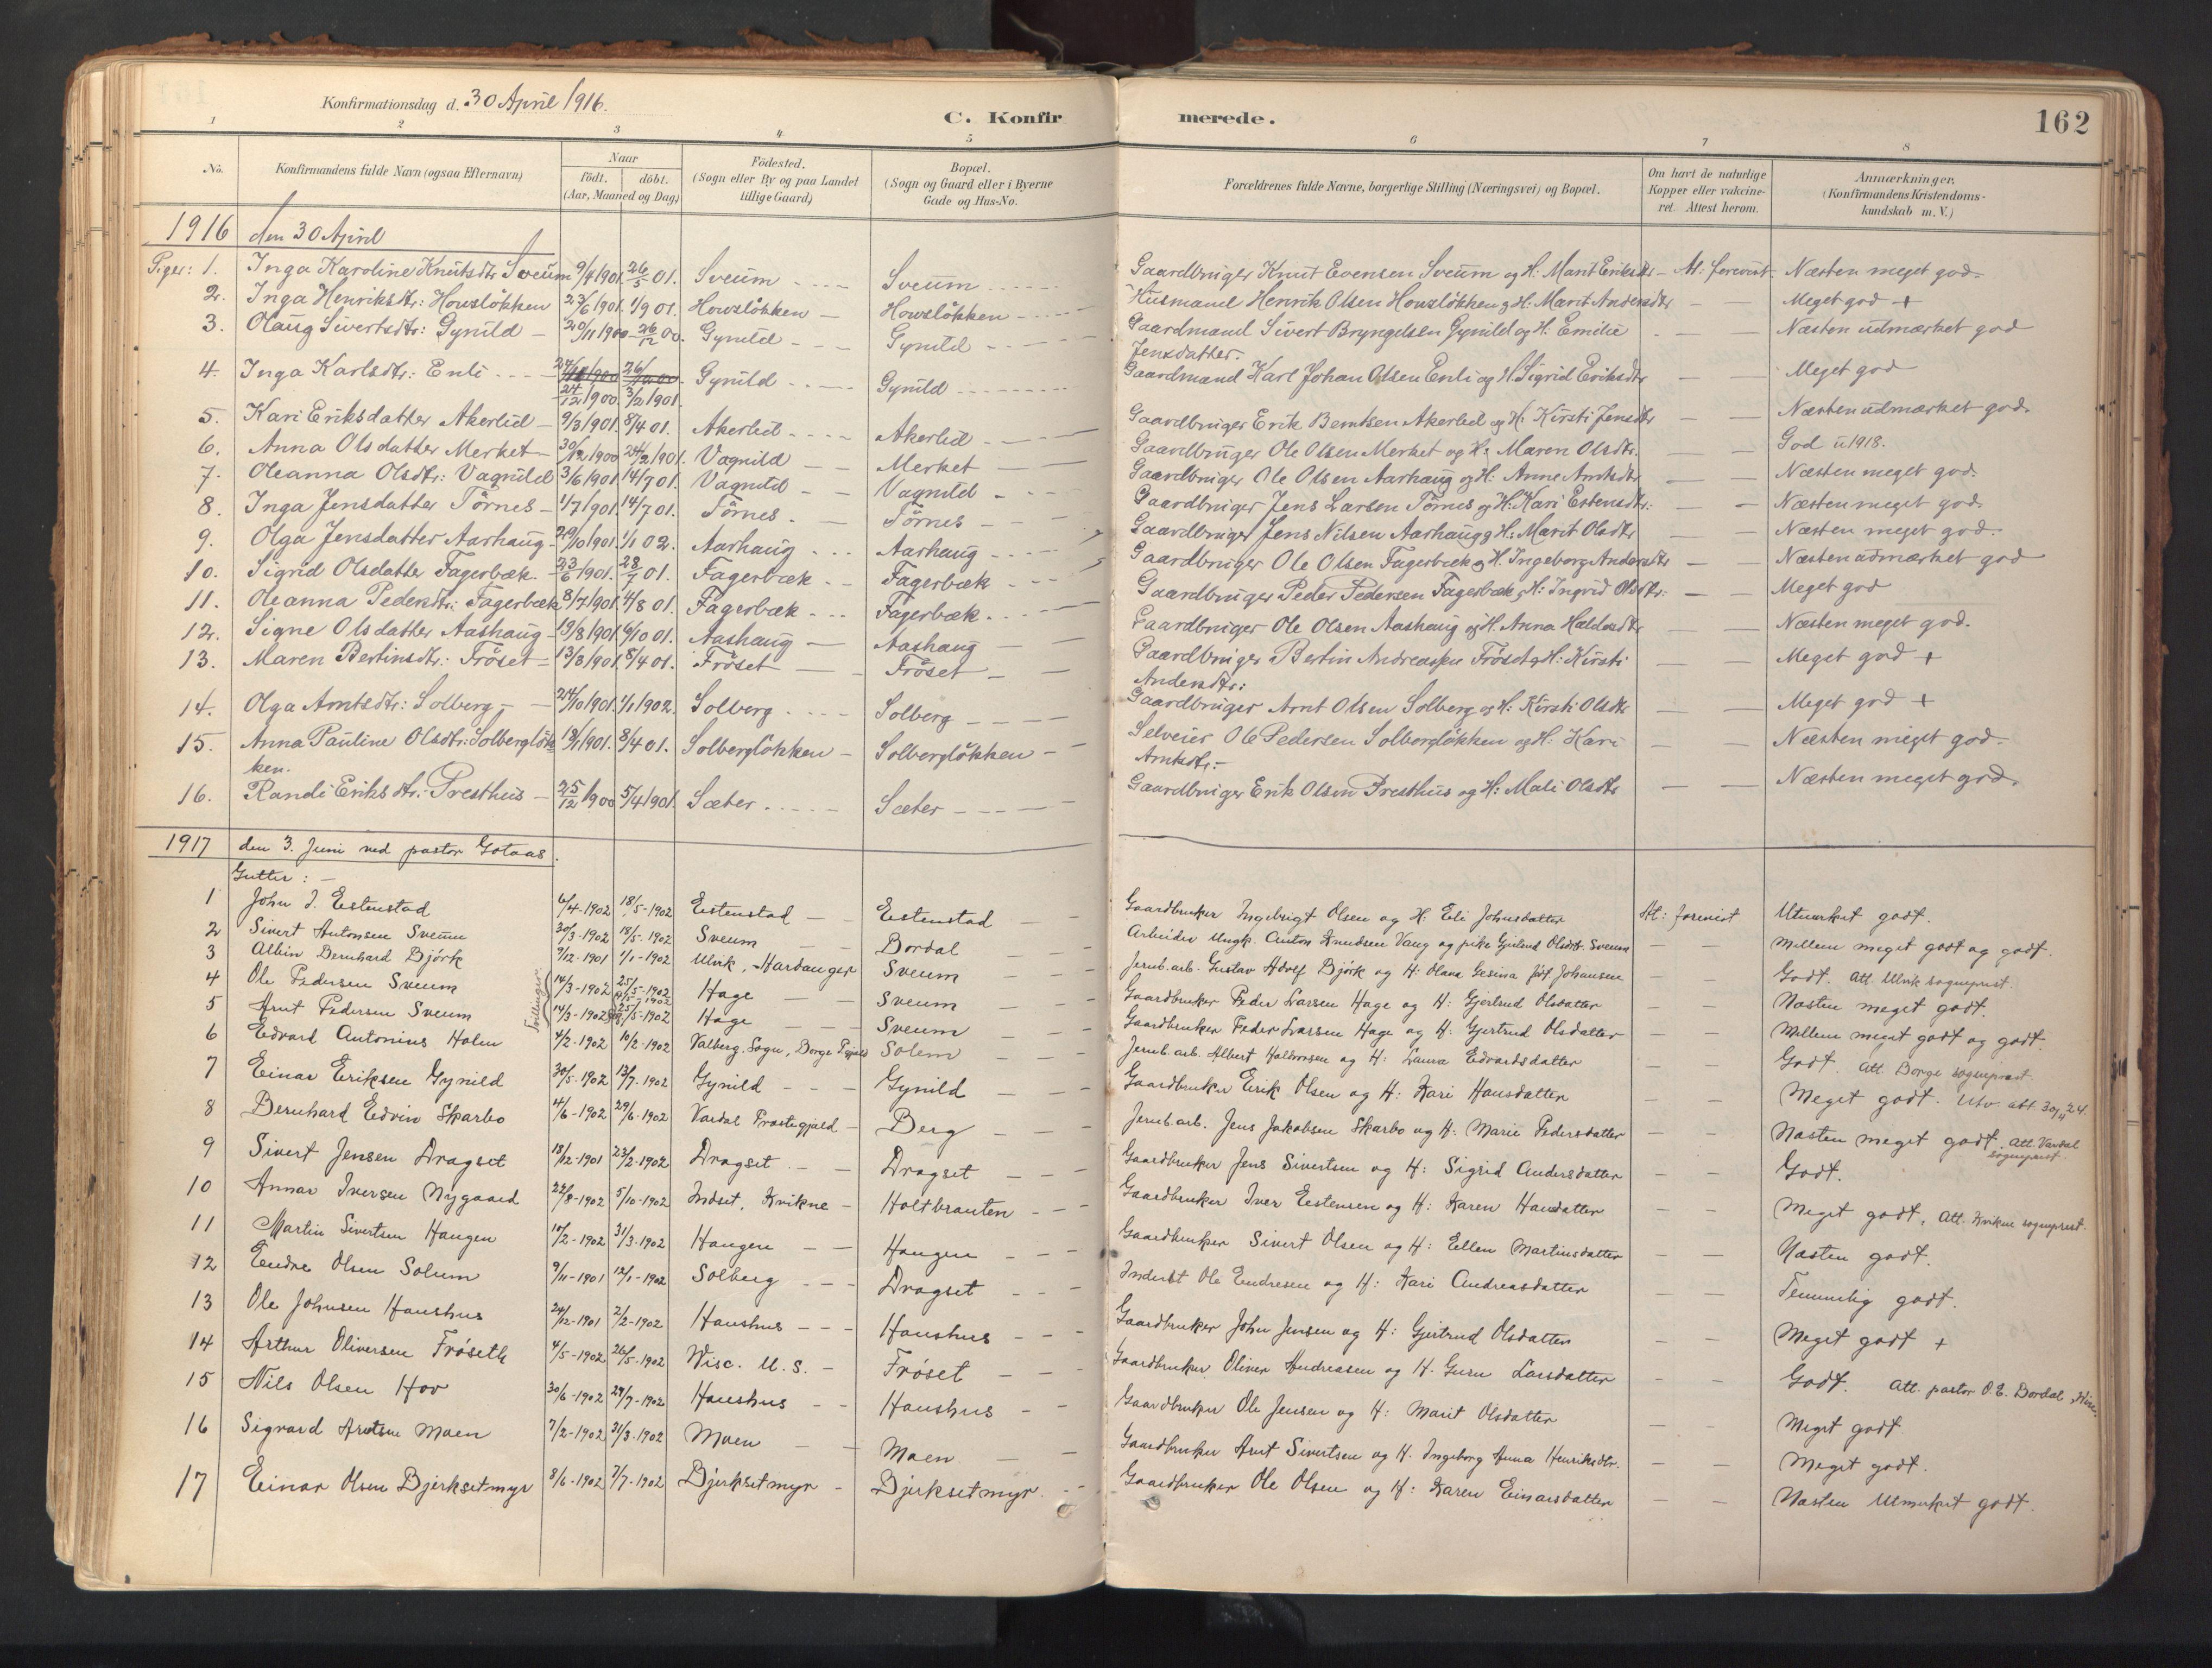 SAT, Ministerialprotokoller, klokkerbøker og fødselsregistre - Sør-Trøndelag, 689/L1041: Ministerialbok nr. 689A06, 1891-1923, s. 162